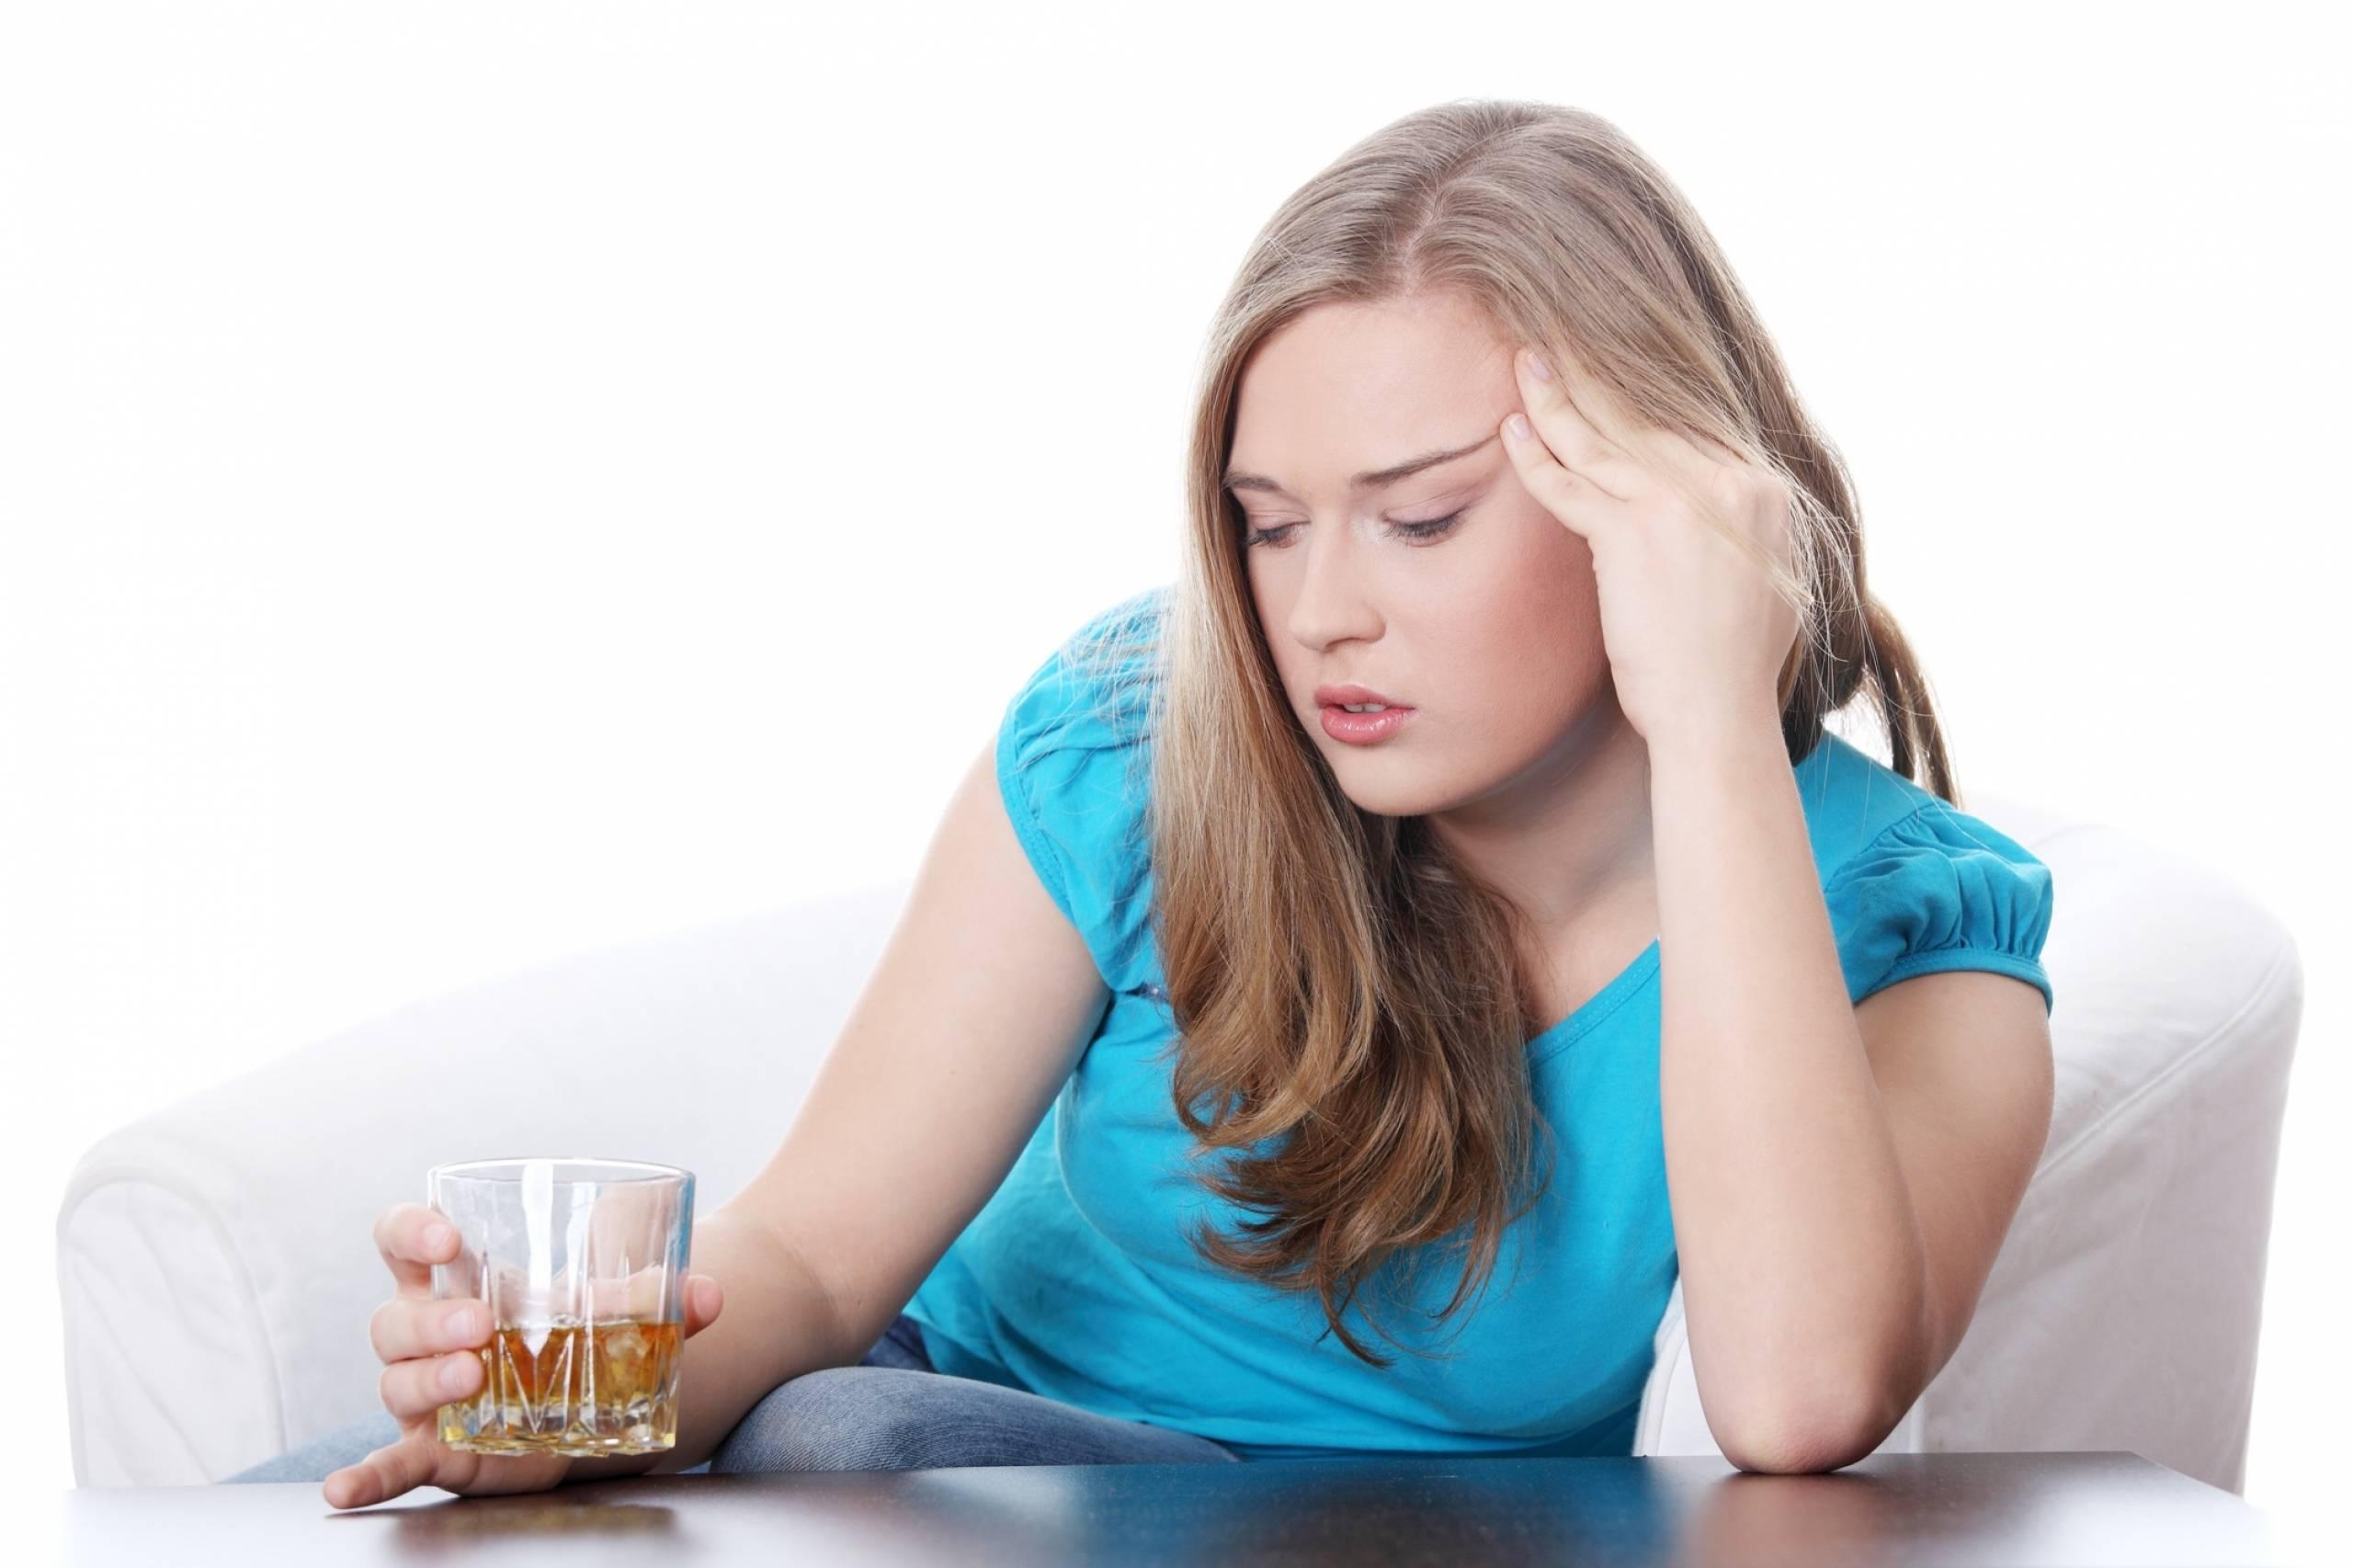 Алкогольная депрессия: симптомы и лечение